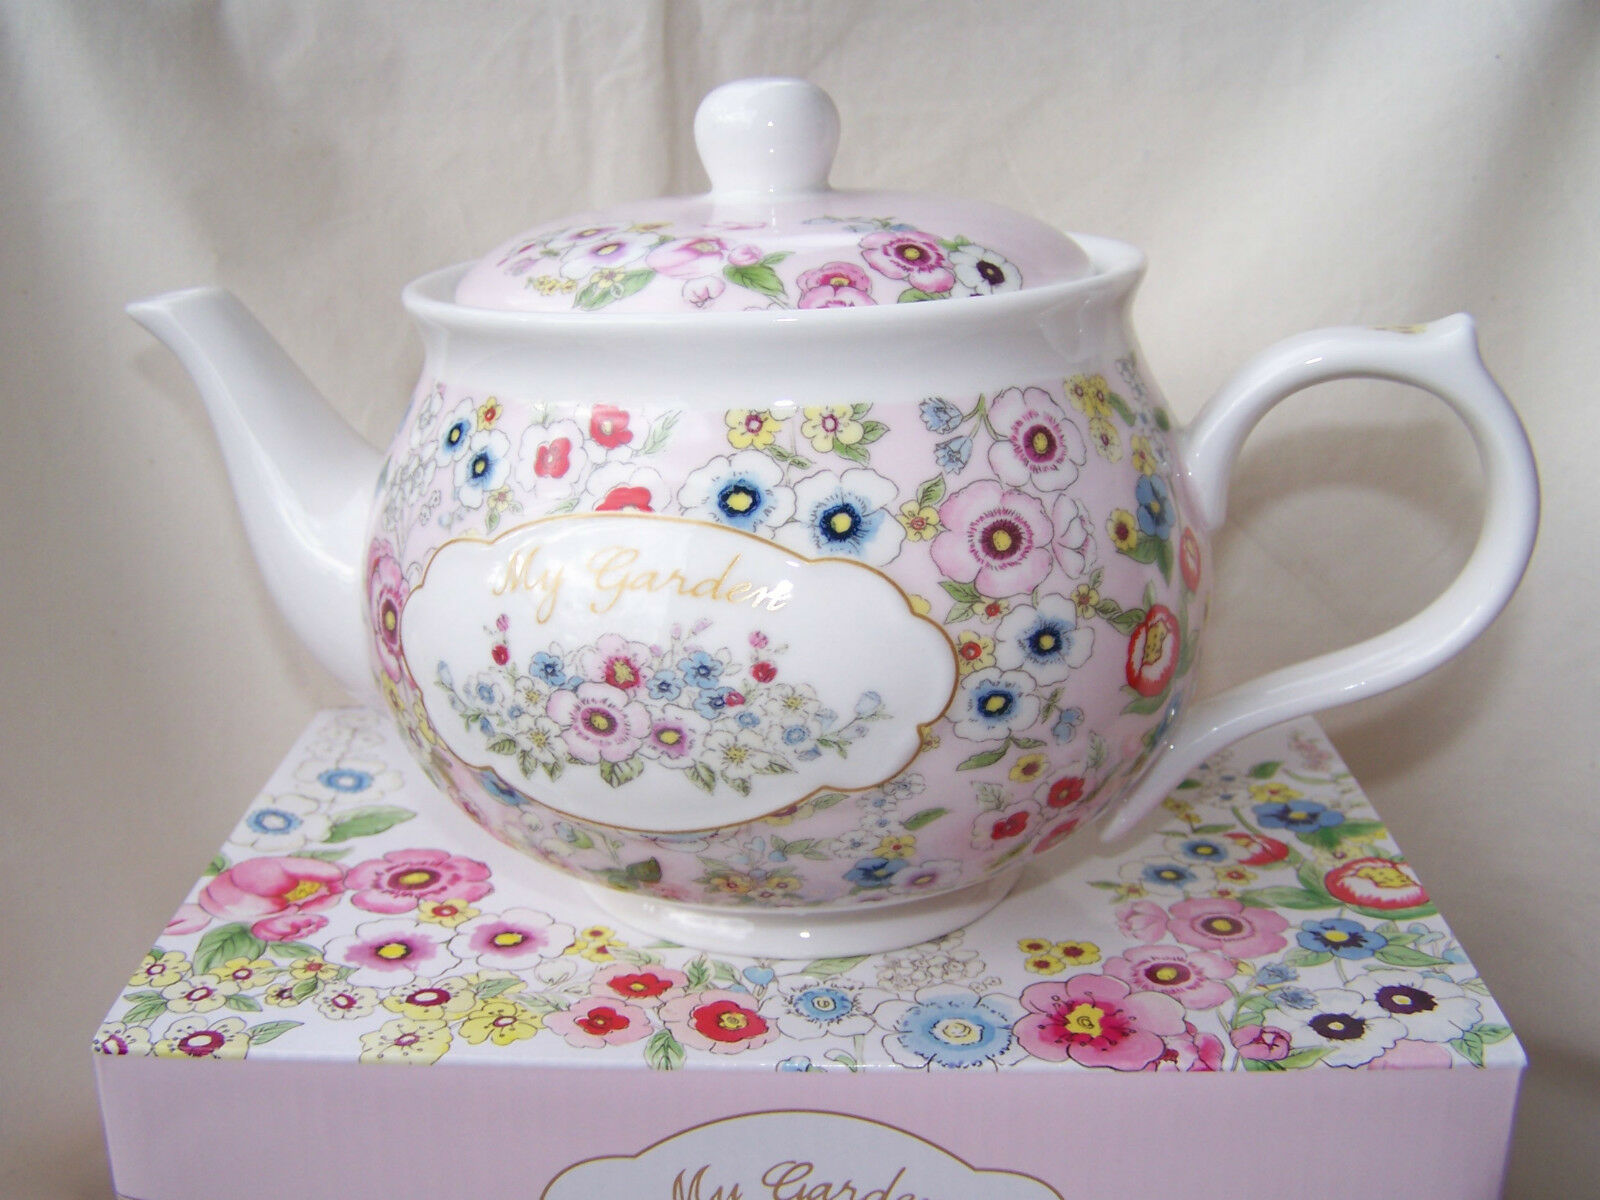 - Teekanne mit Blütendekor aus Porzellan -   My Garden   ORIGINAL Easy Life